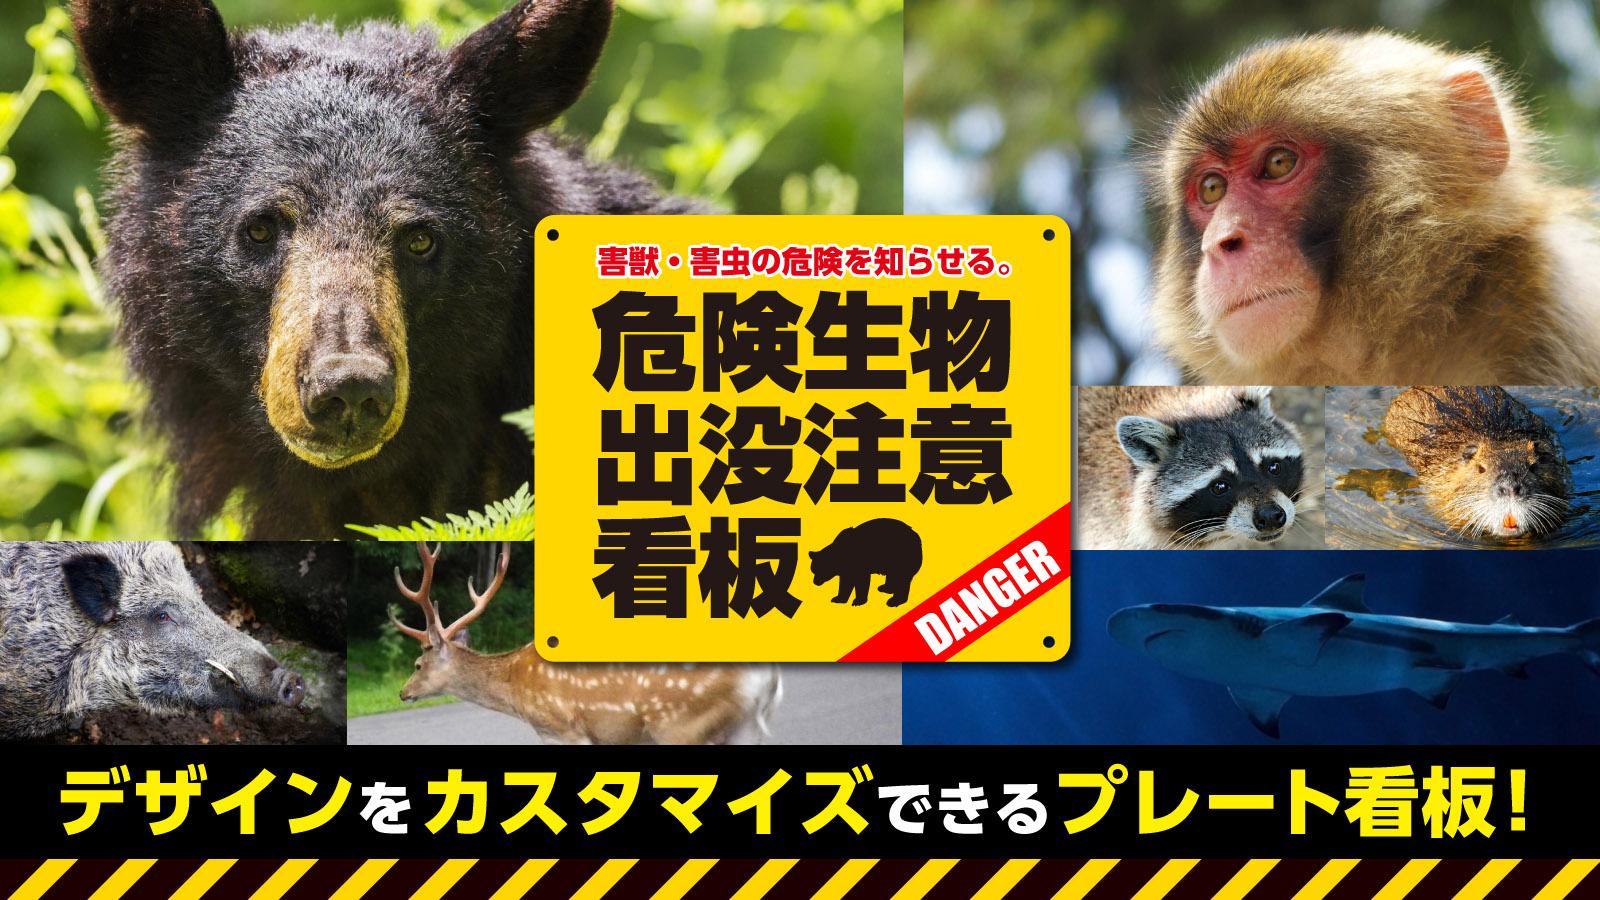 害獣・害虫などの危険動物・迷惑動物出没注意のイラスト看板販売